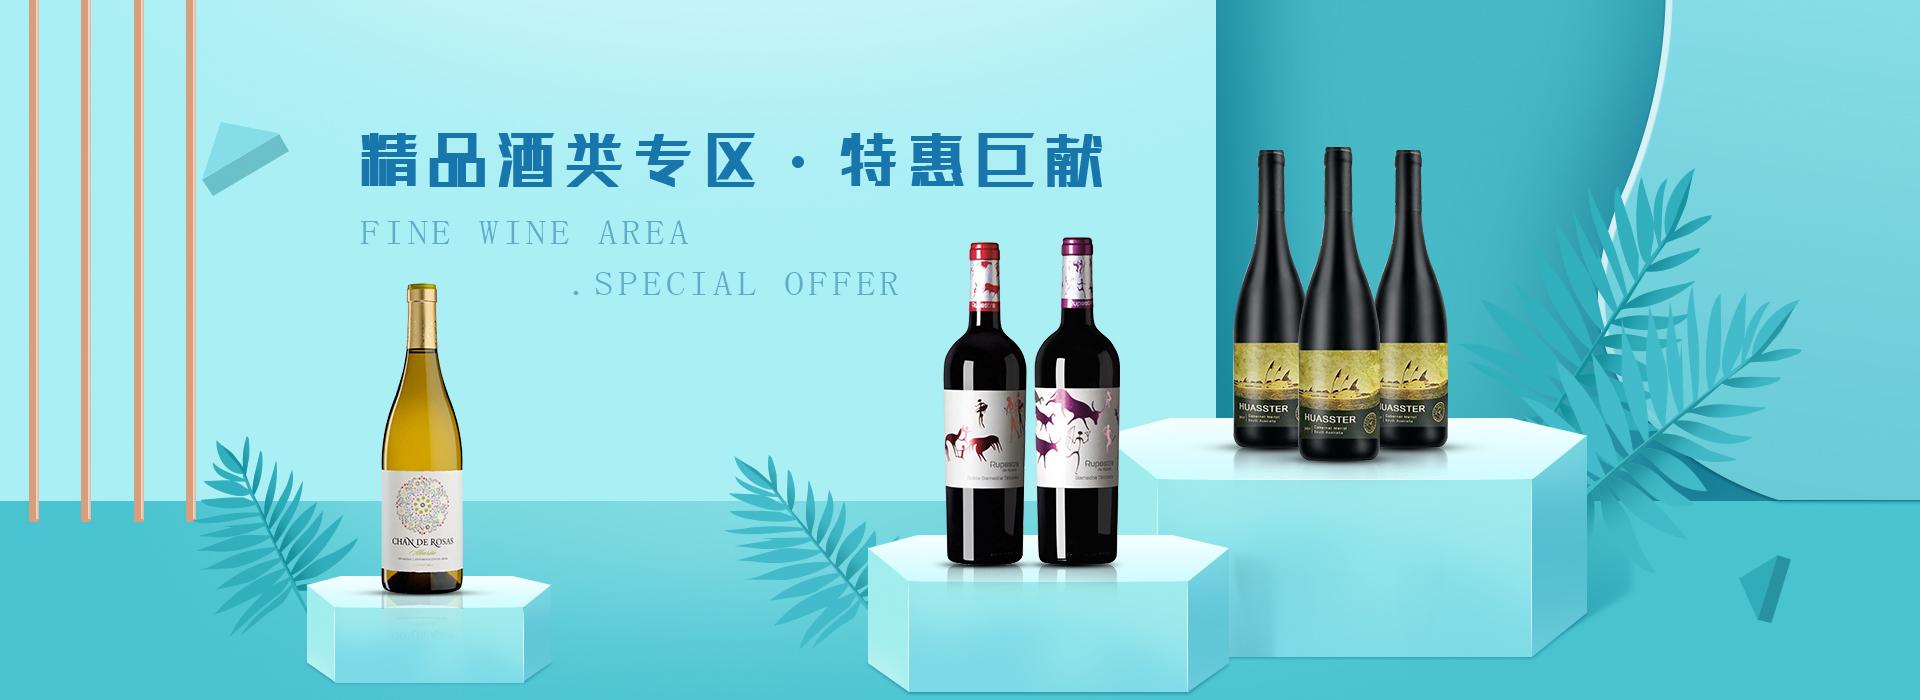 西班牙原瓶进口红酒哪里买_红酒供应相关-福莱沃酒业广州有限公司